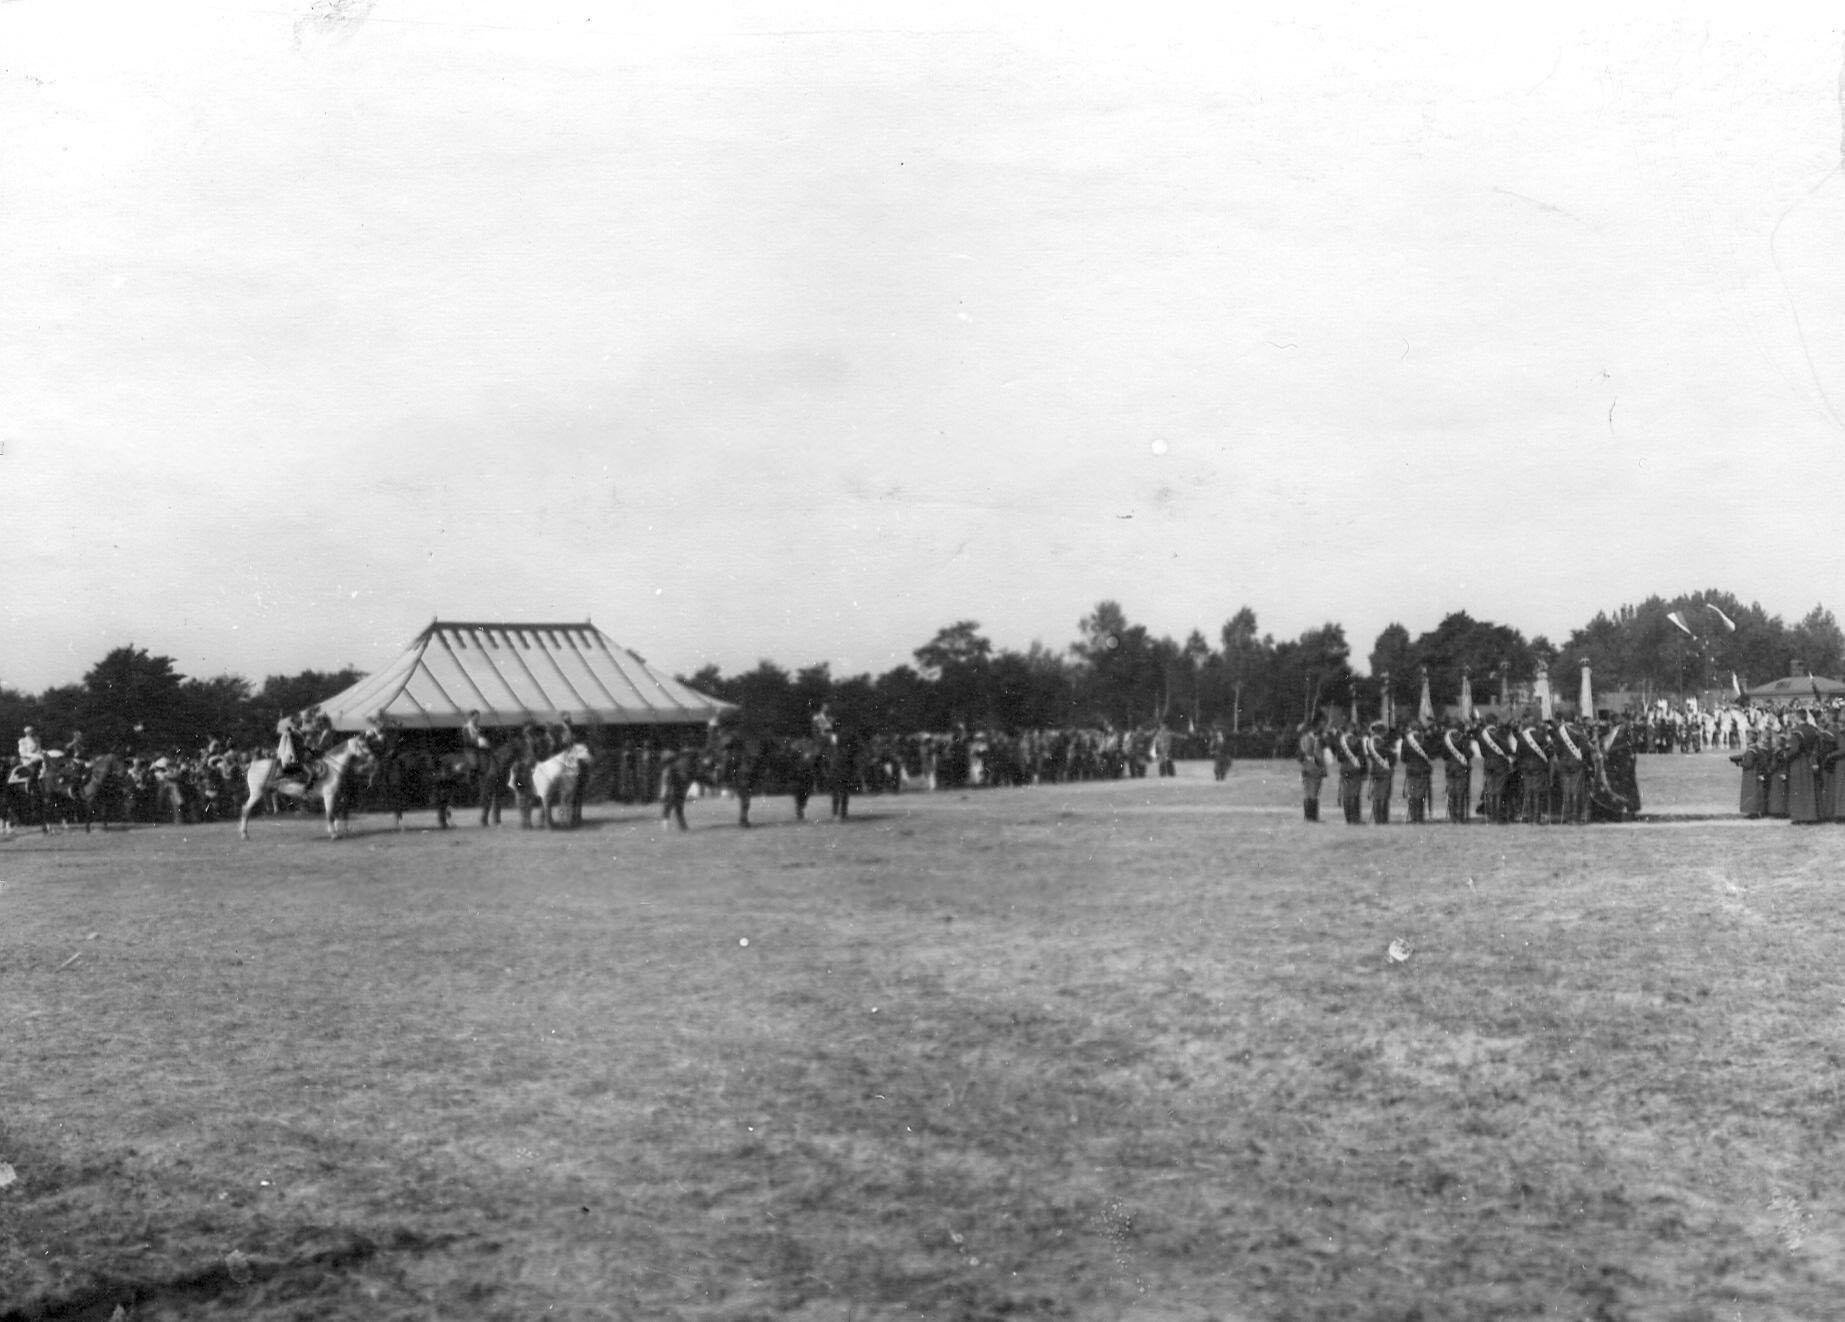 Парад в честь 250-летнего юбилея Уланского полка